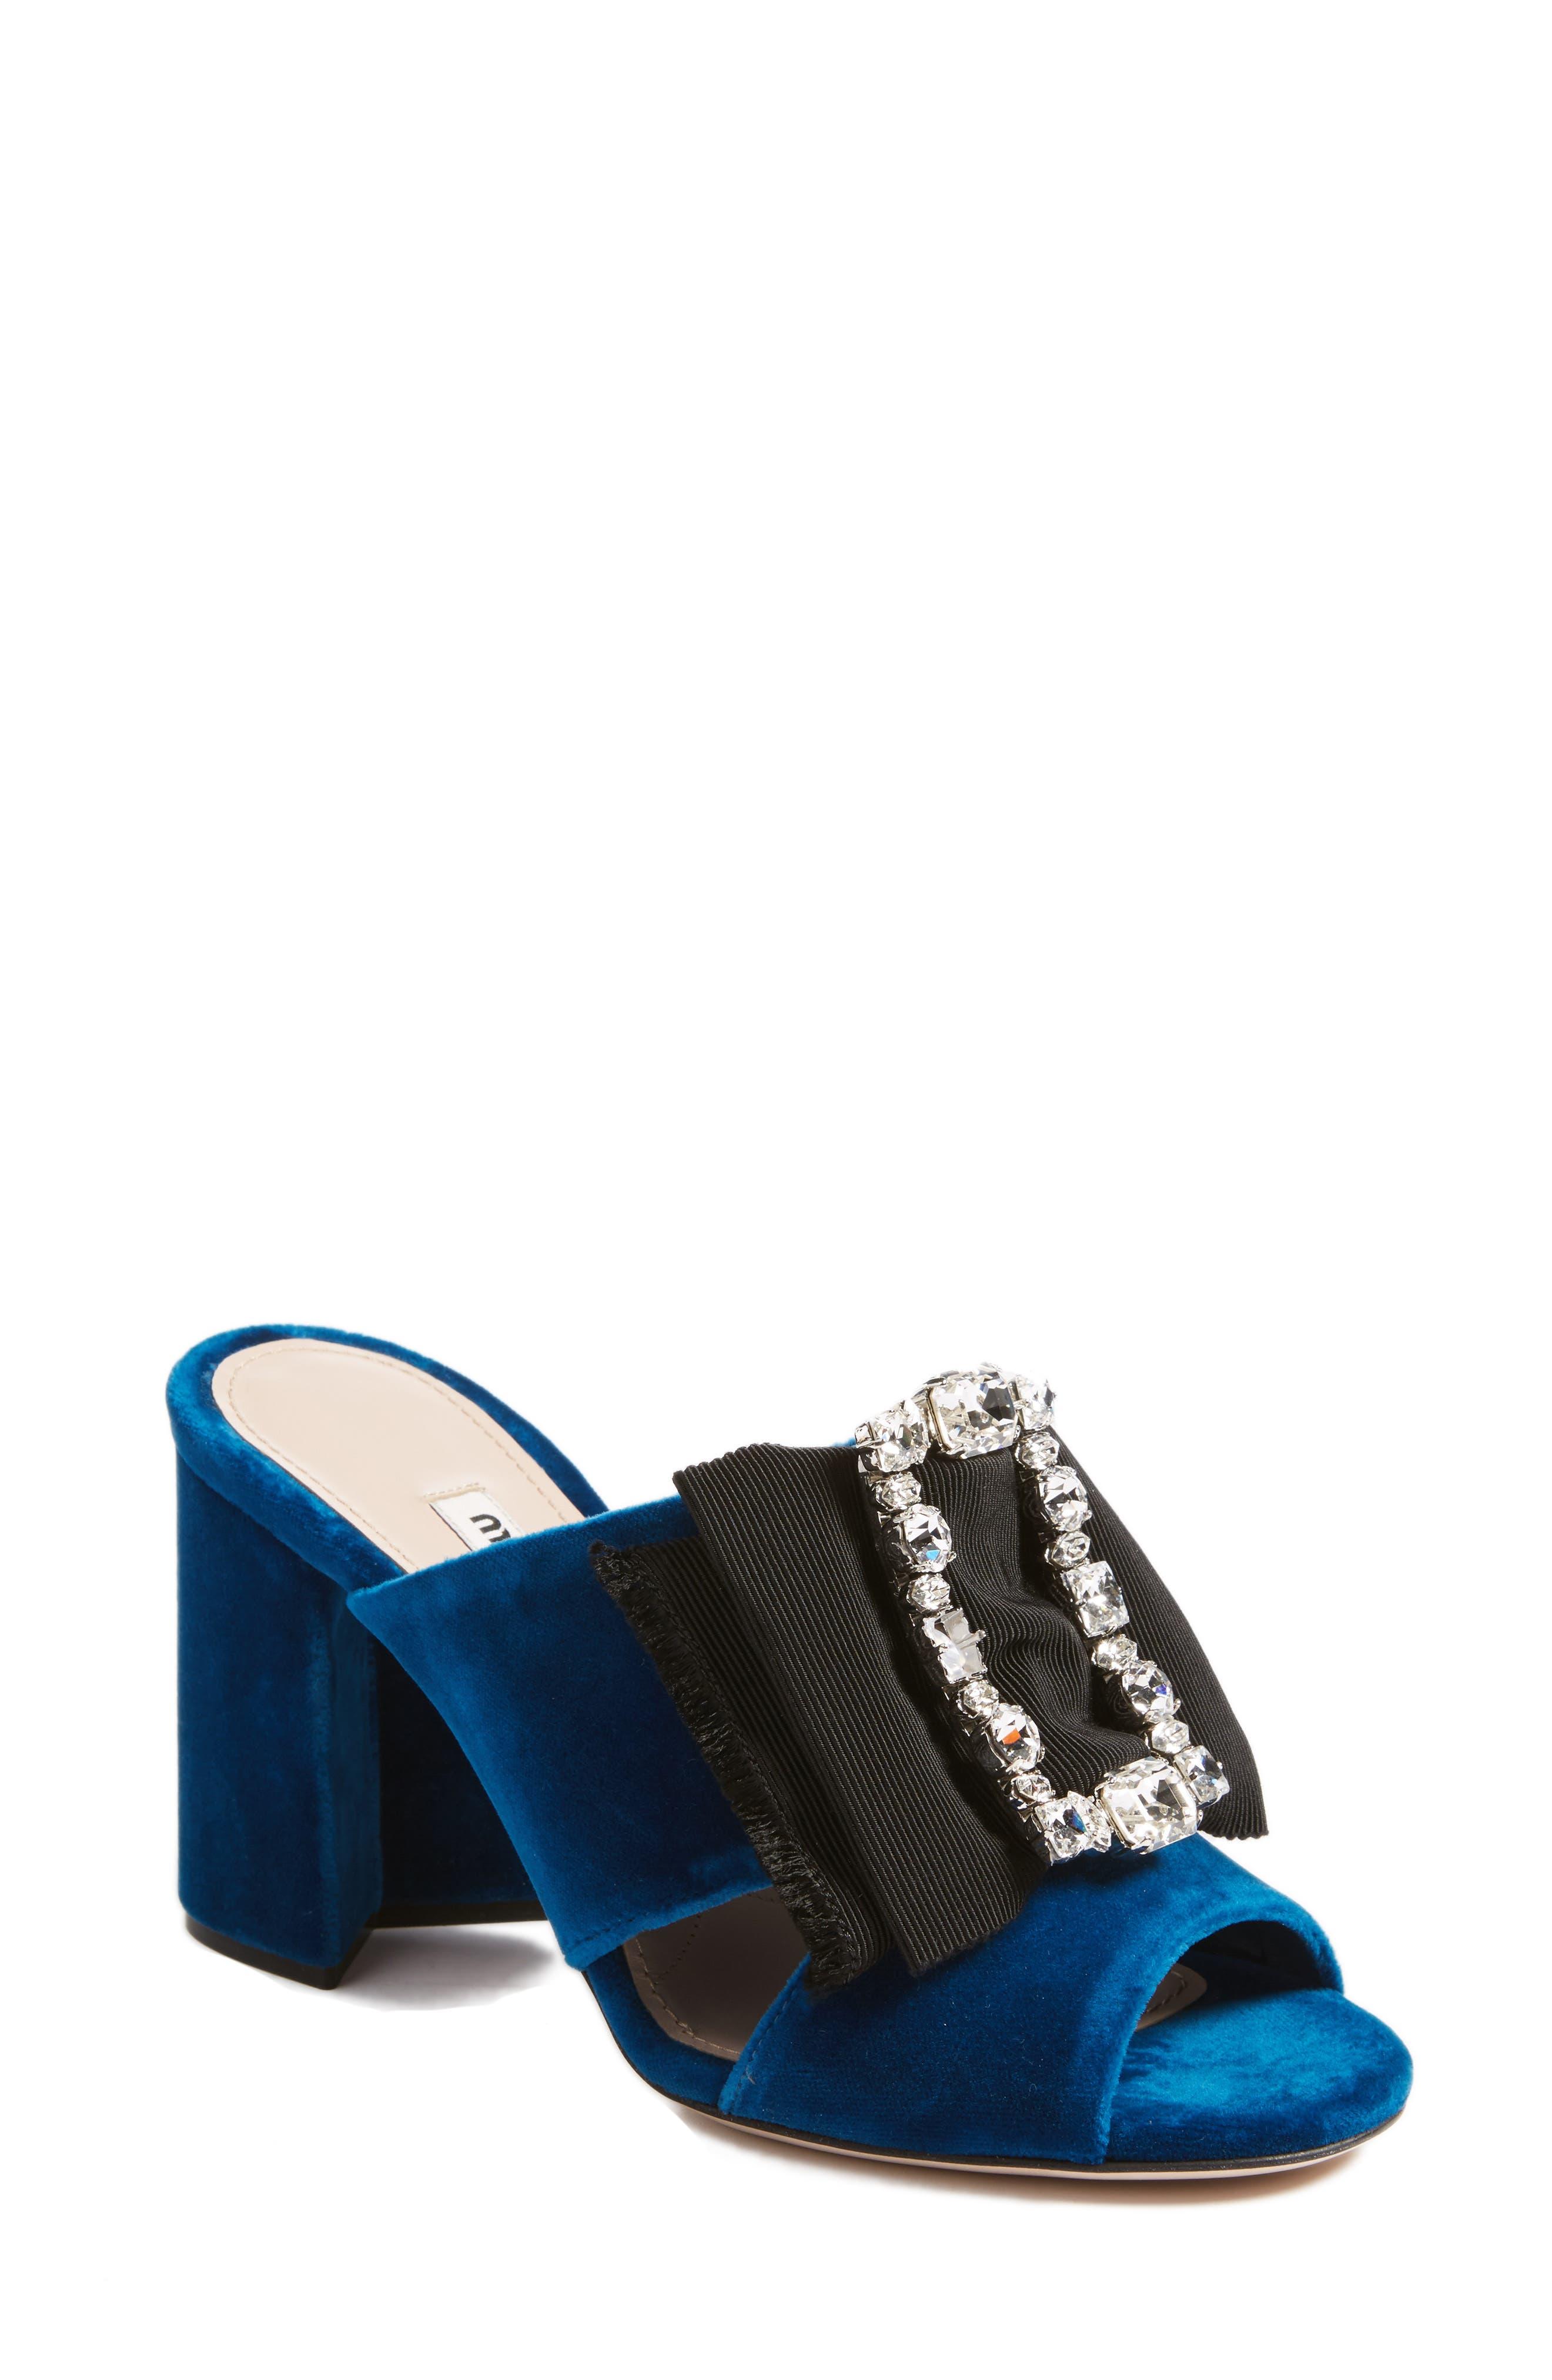 Miu Miu Embellished Sandal (Women)